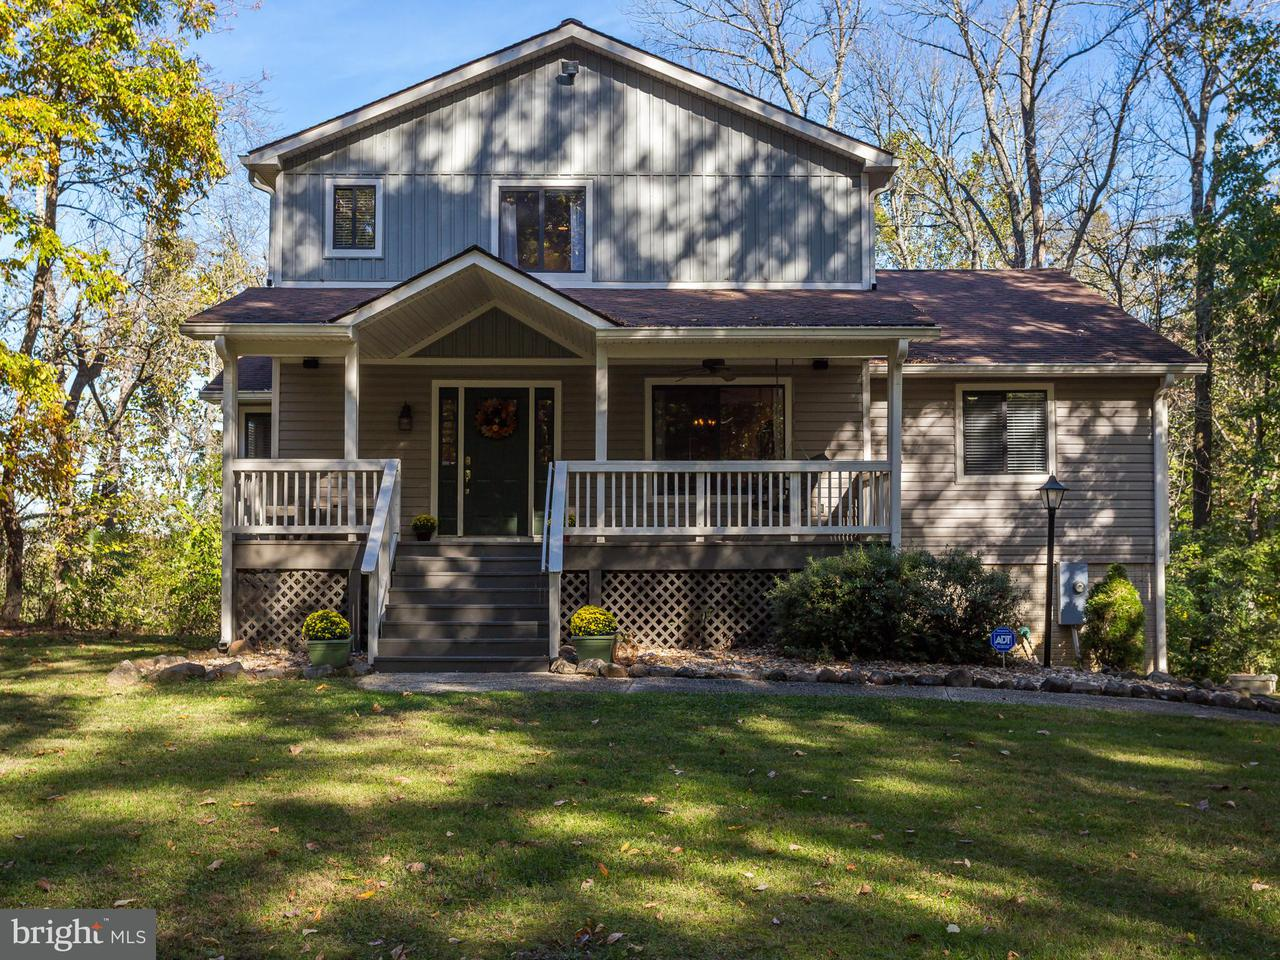 獨棟家庭住宅 為 出售 在 Address Not Available Nokesville, 弗吉尼亞州 20181 美國